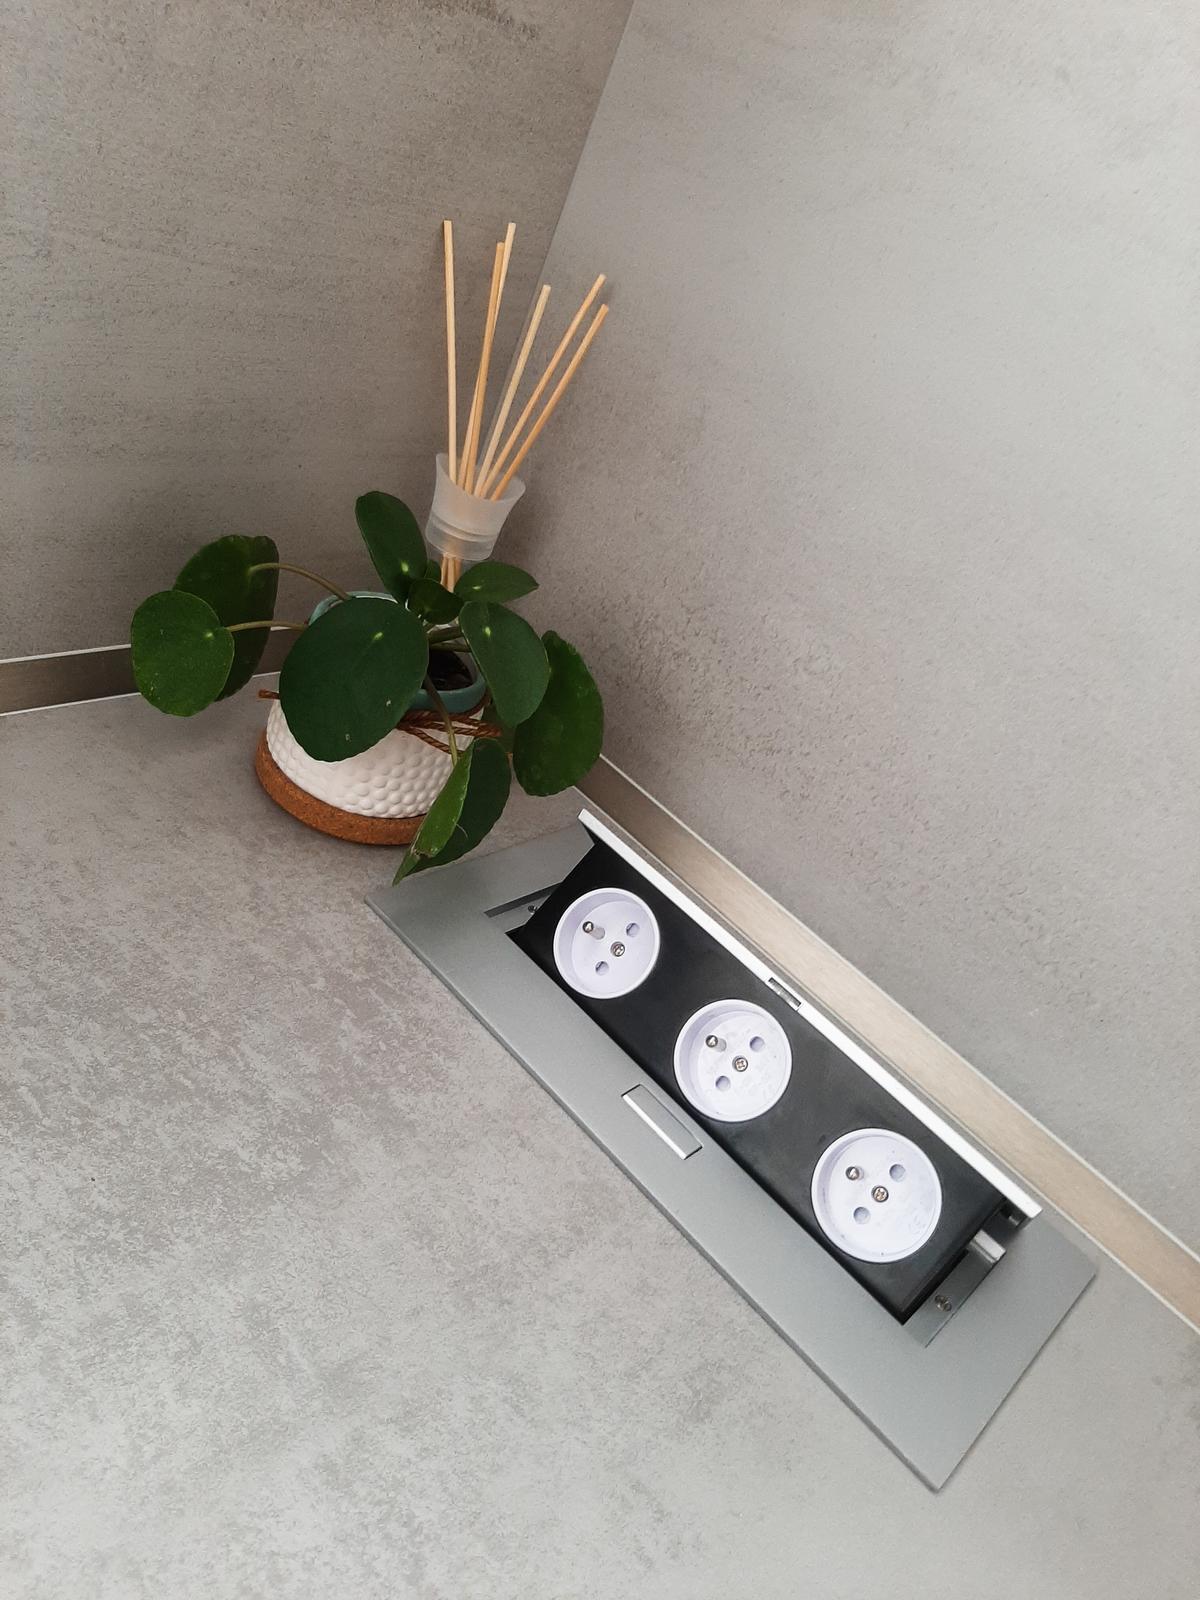 Guqin - náš domček - Super vec, tieto výklopné zásuvky 👍 a nešpatia na stene 😃